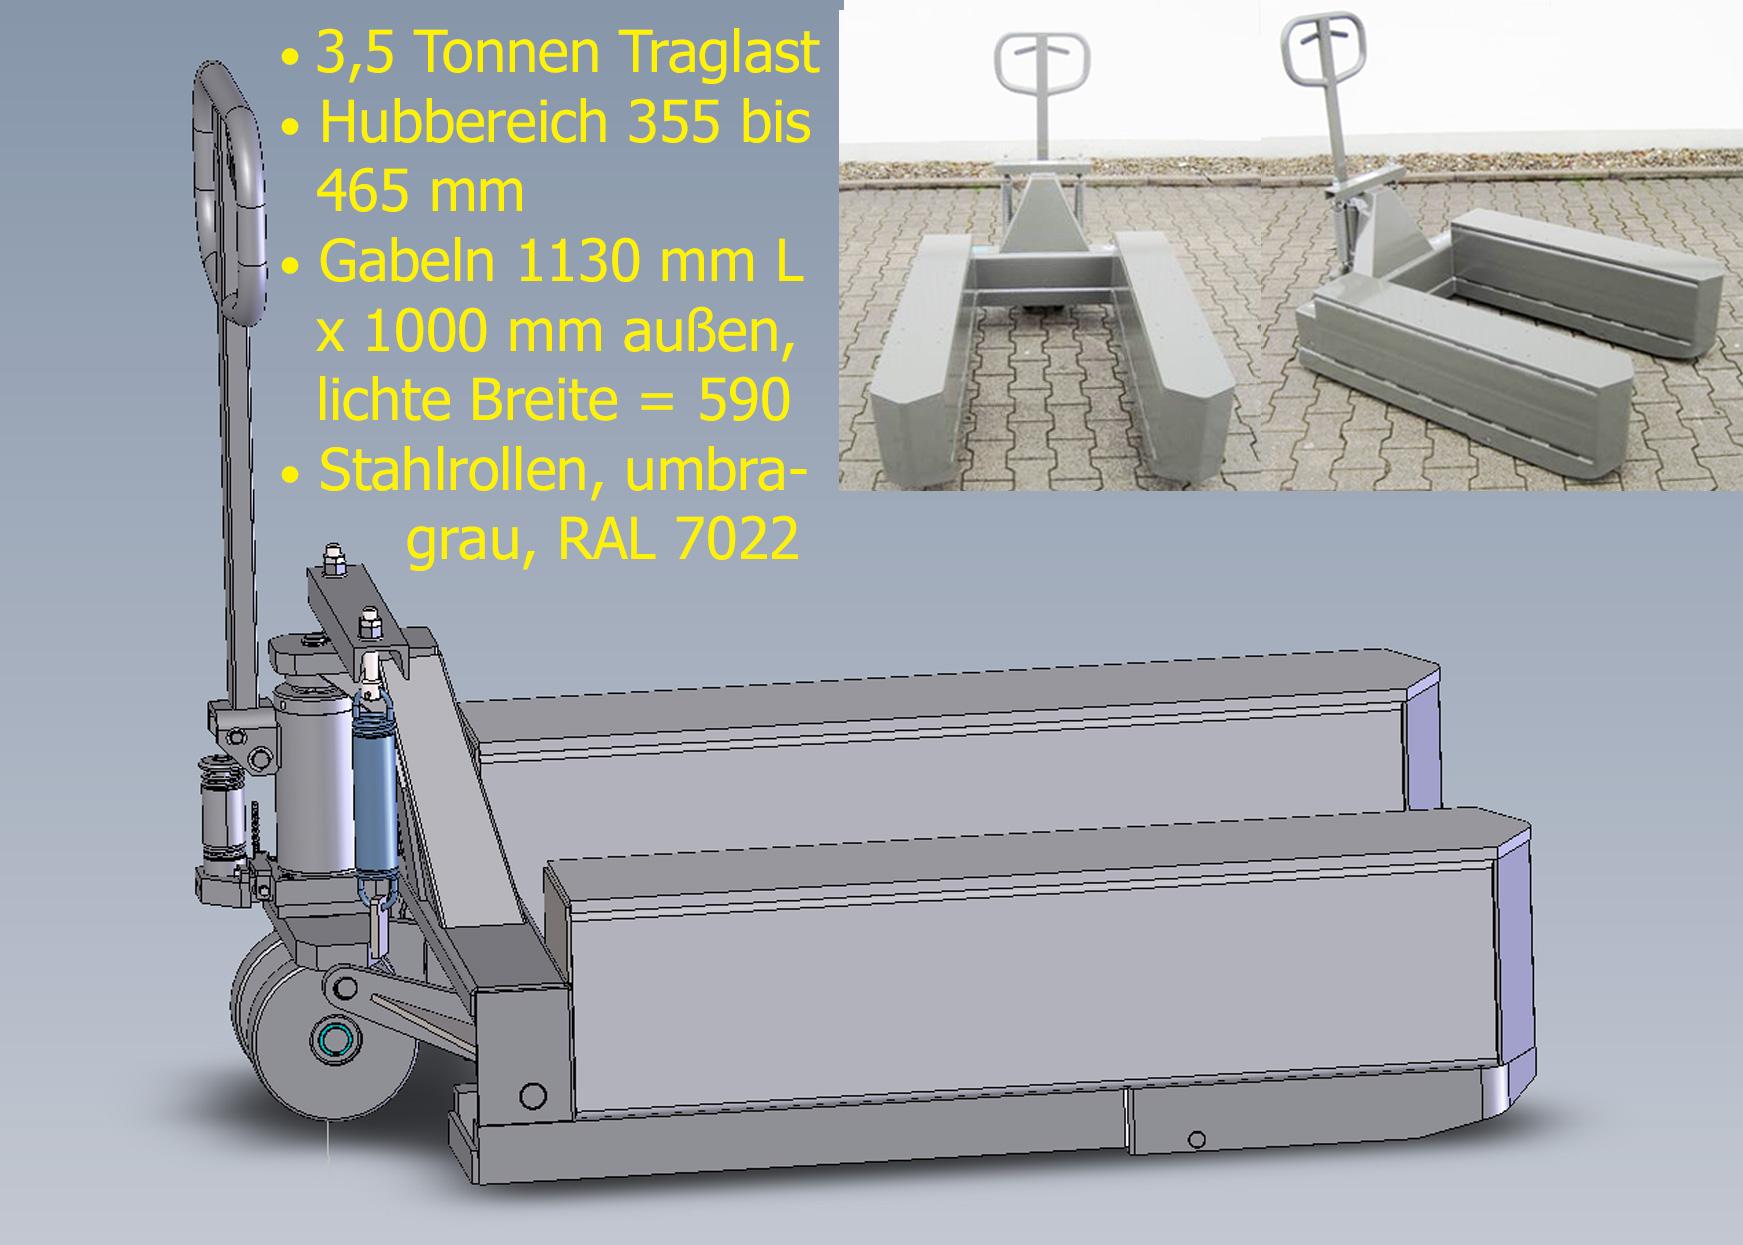 Schwerlast-Hubwagen mit 3500 kg Flächenlast bei Hubbereich 355 bis 465 mm